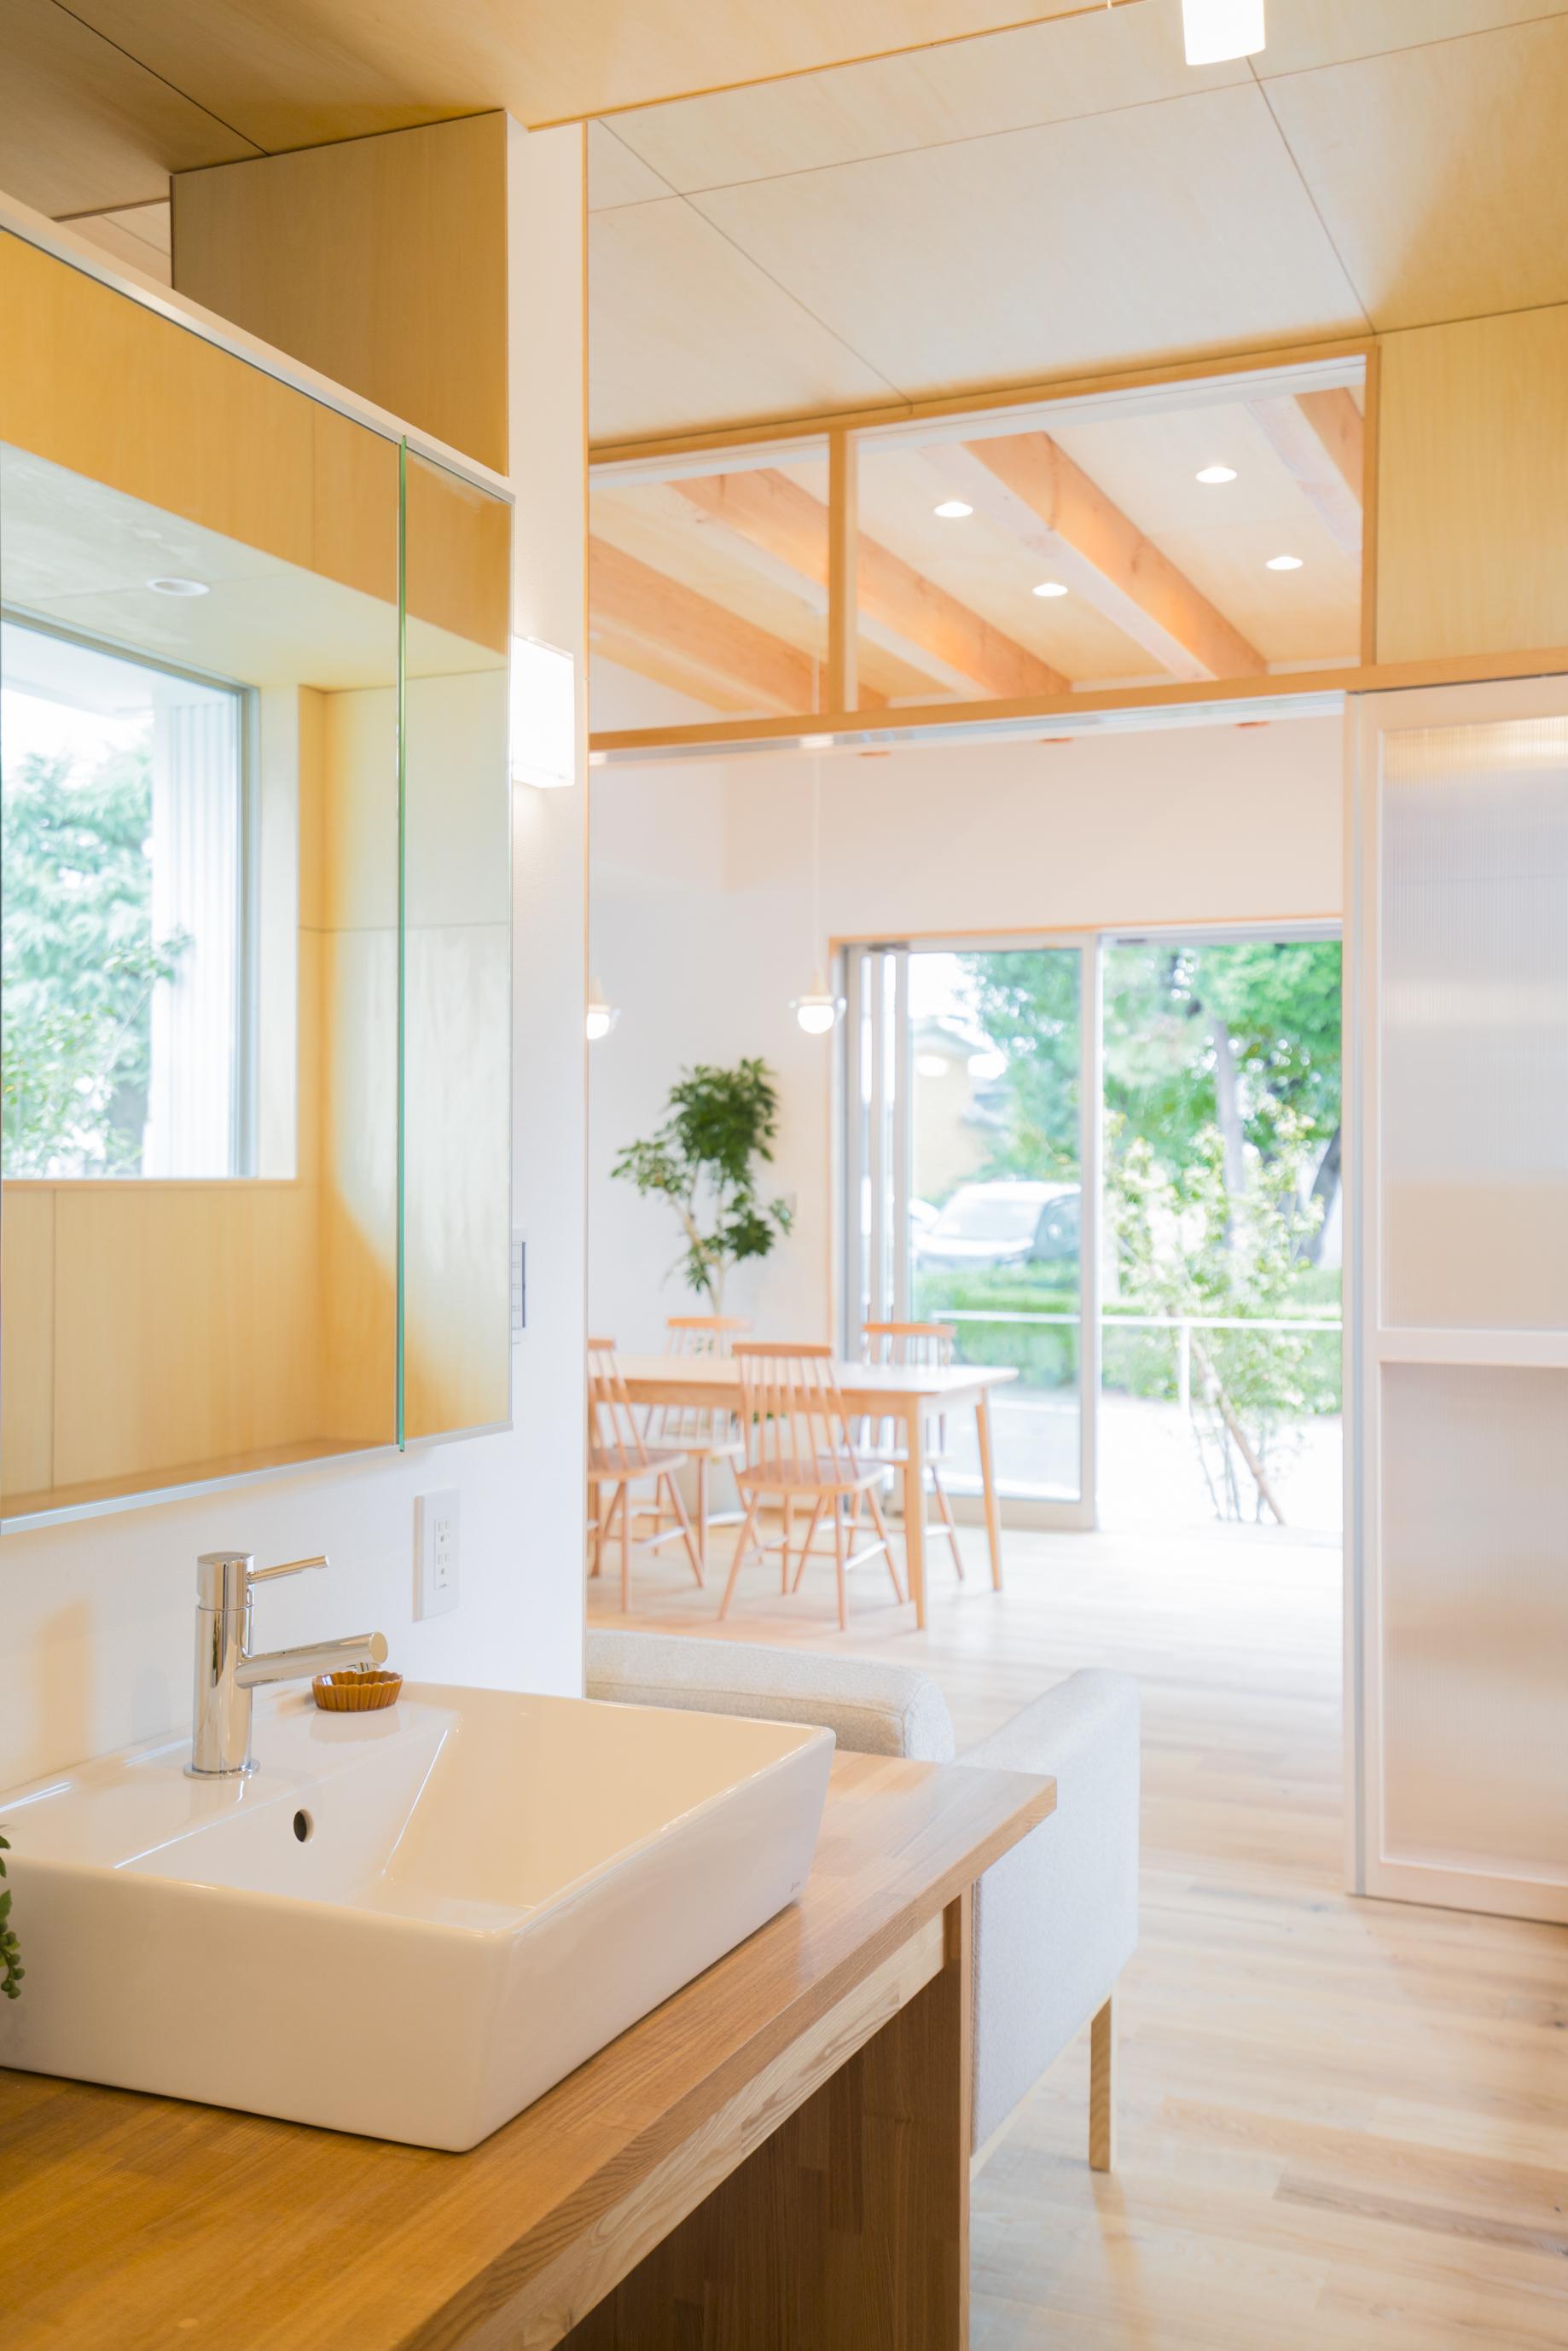 m+h(エムアンドエイチ)建築設計スタジオ【二世帯住宅、間取り、建築家】手洗いスペースからのダイニングまでの導線もバッチリ